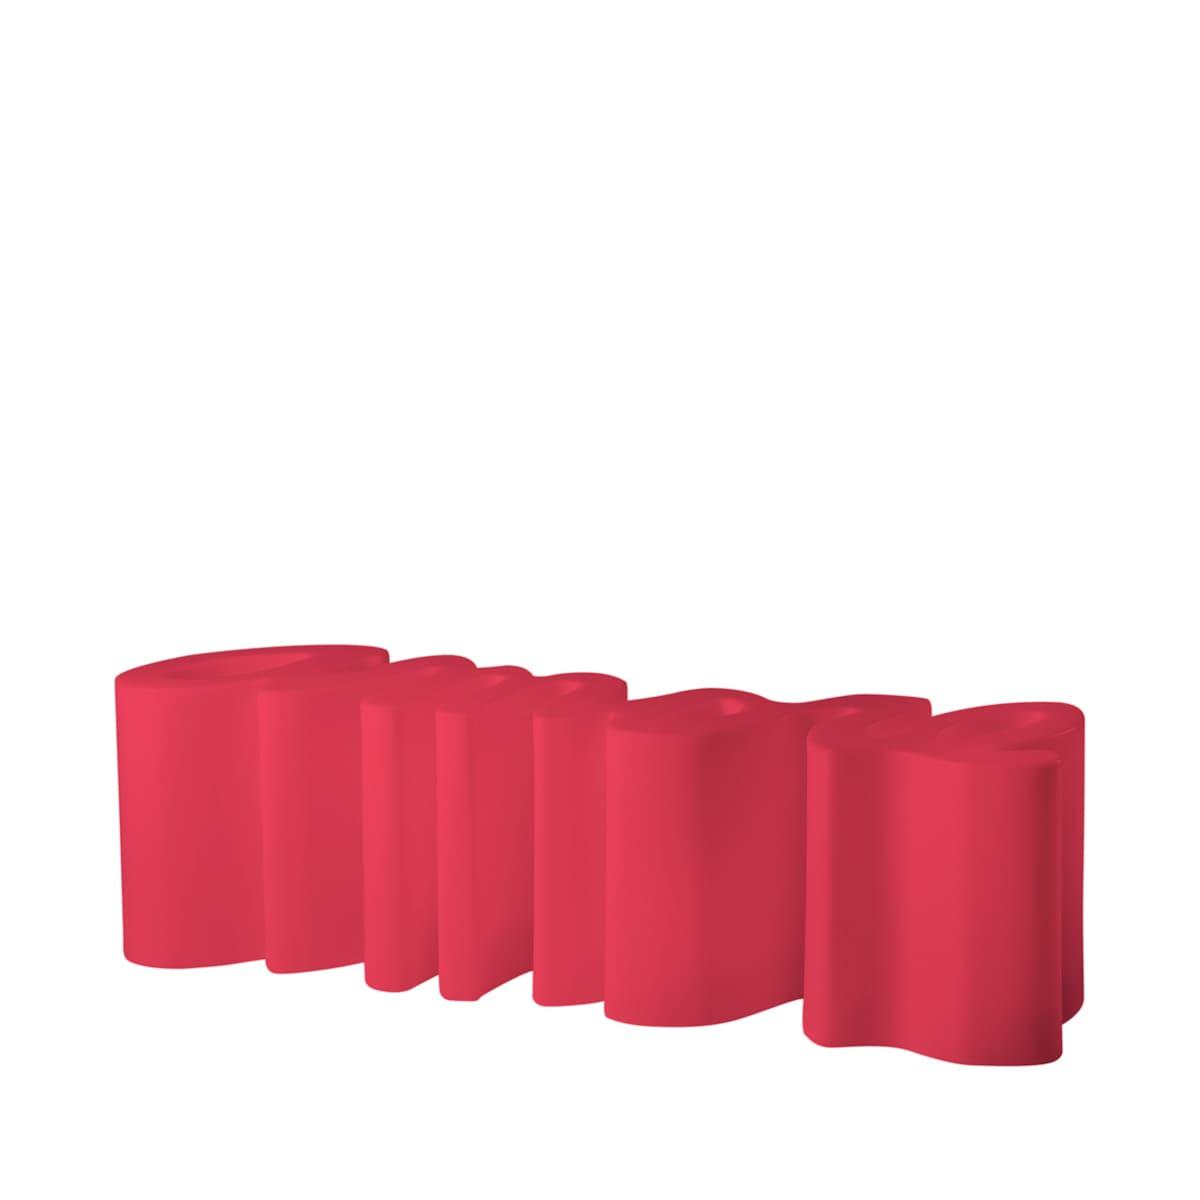 gartenbank modern sitzbank garten rot - Ausgefallene Designer Bank für den Garten